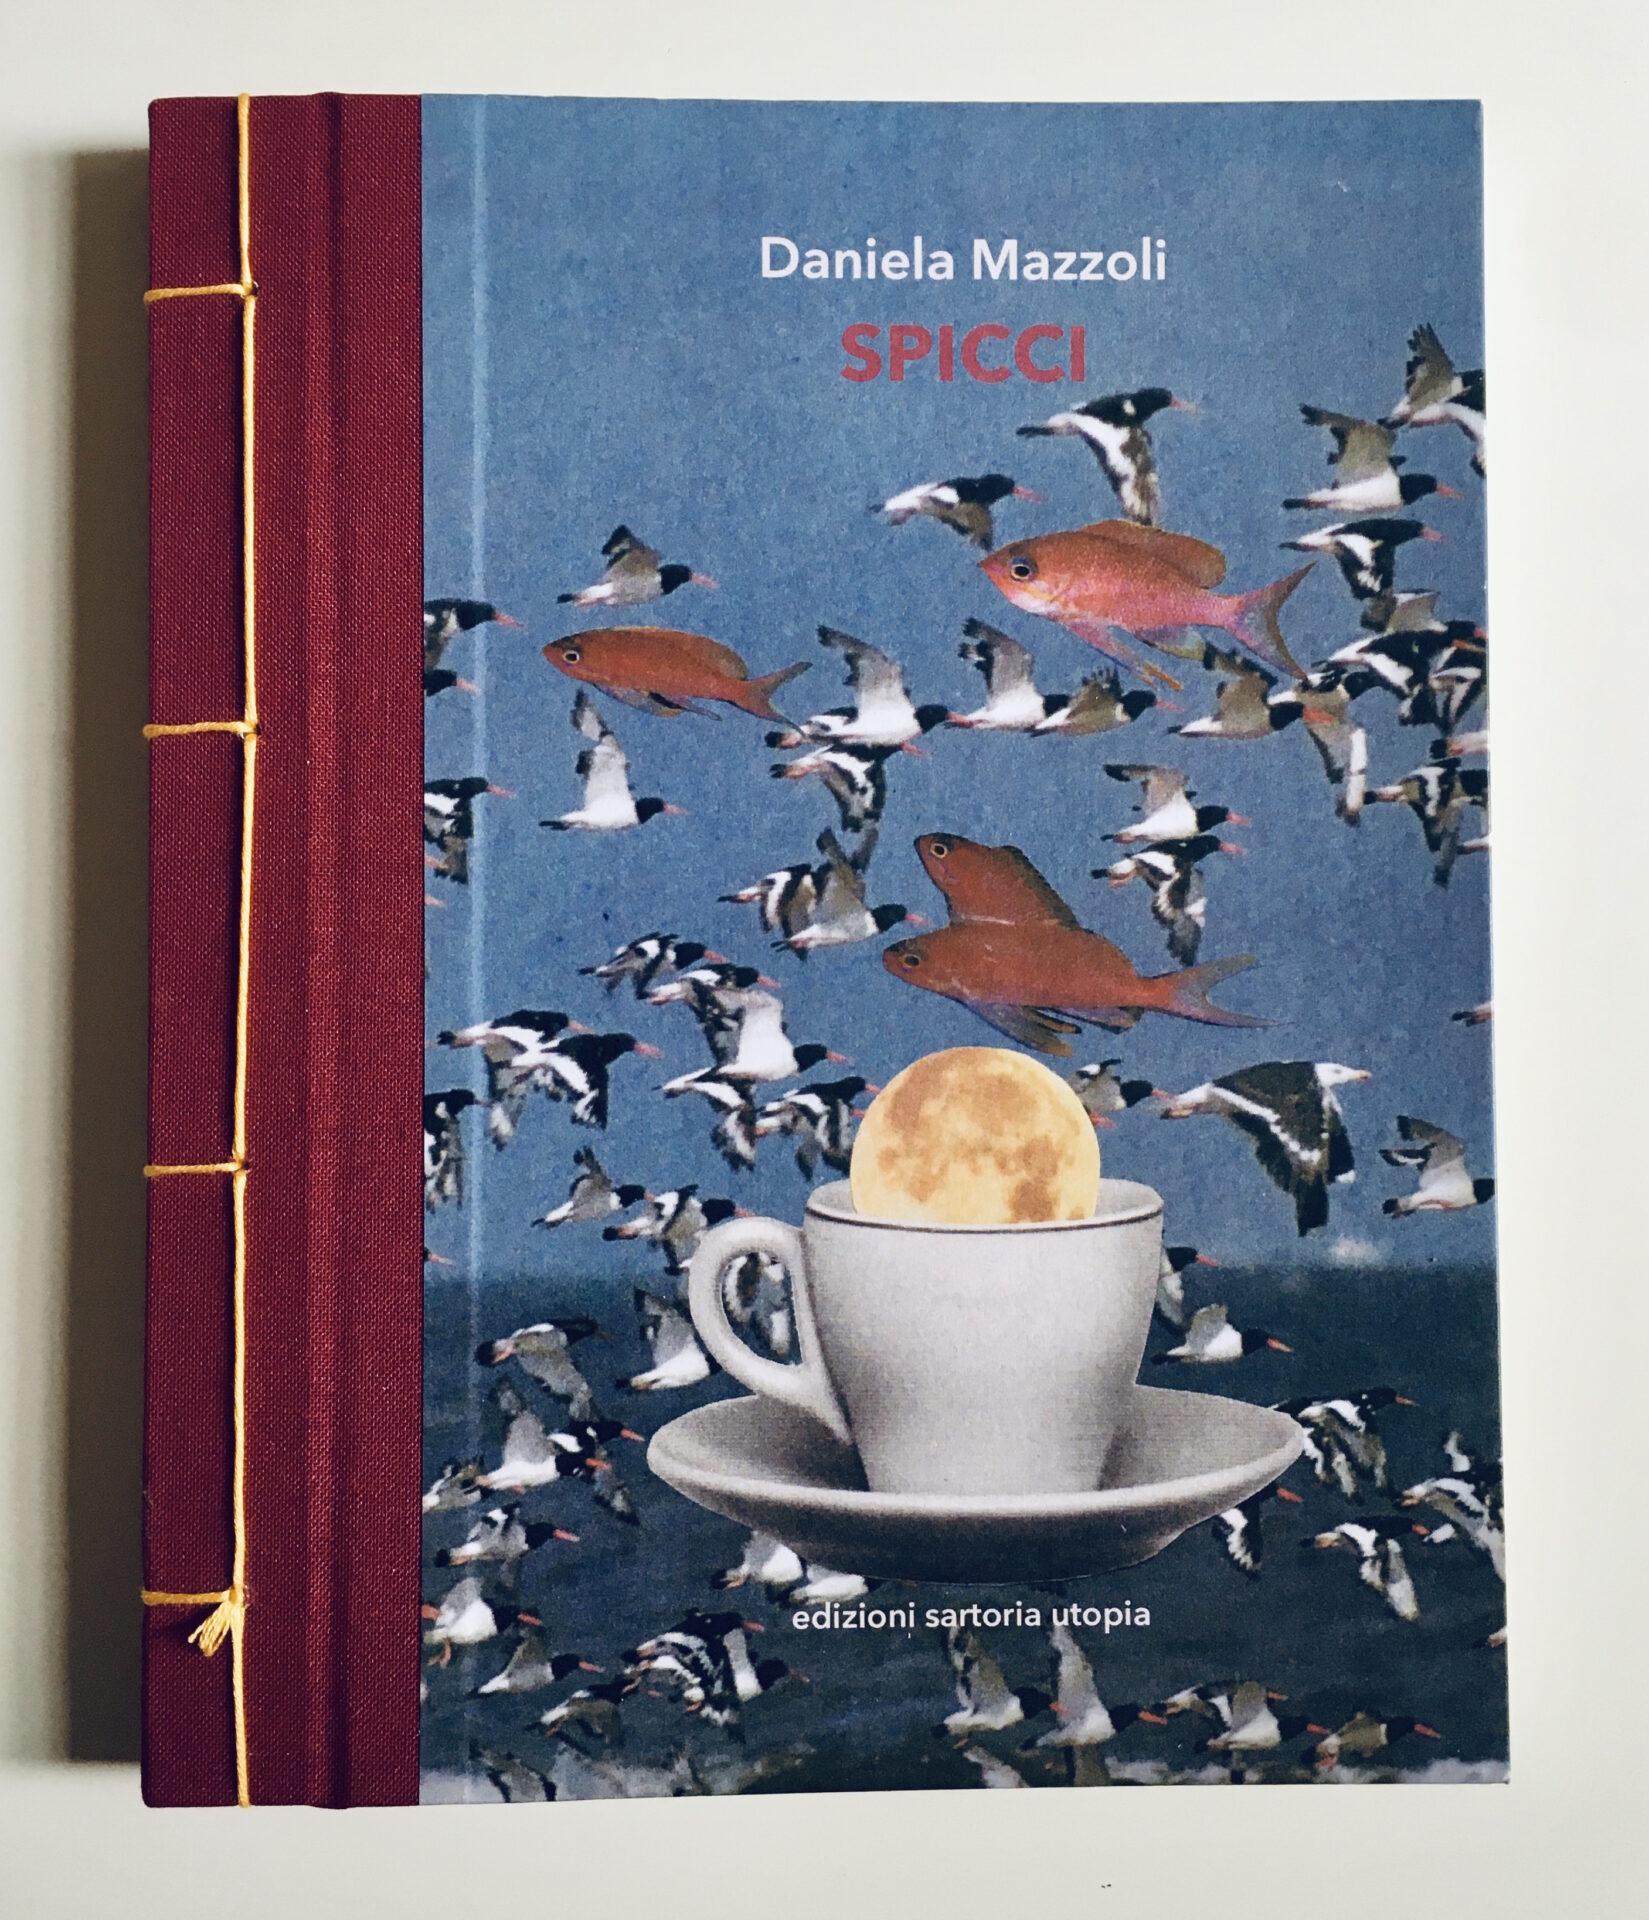 Daniela Mazzoli Spicci